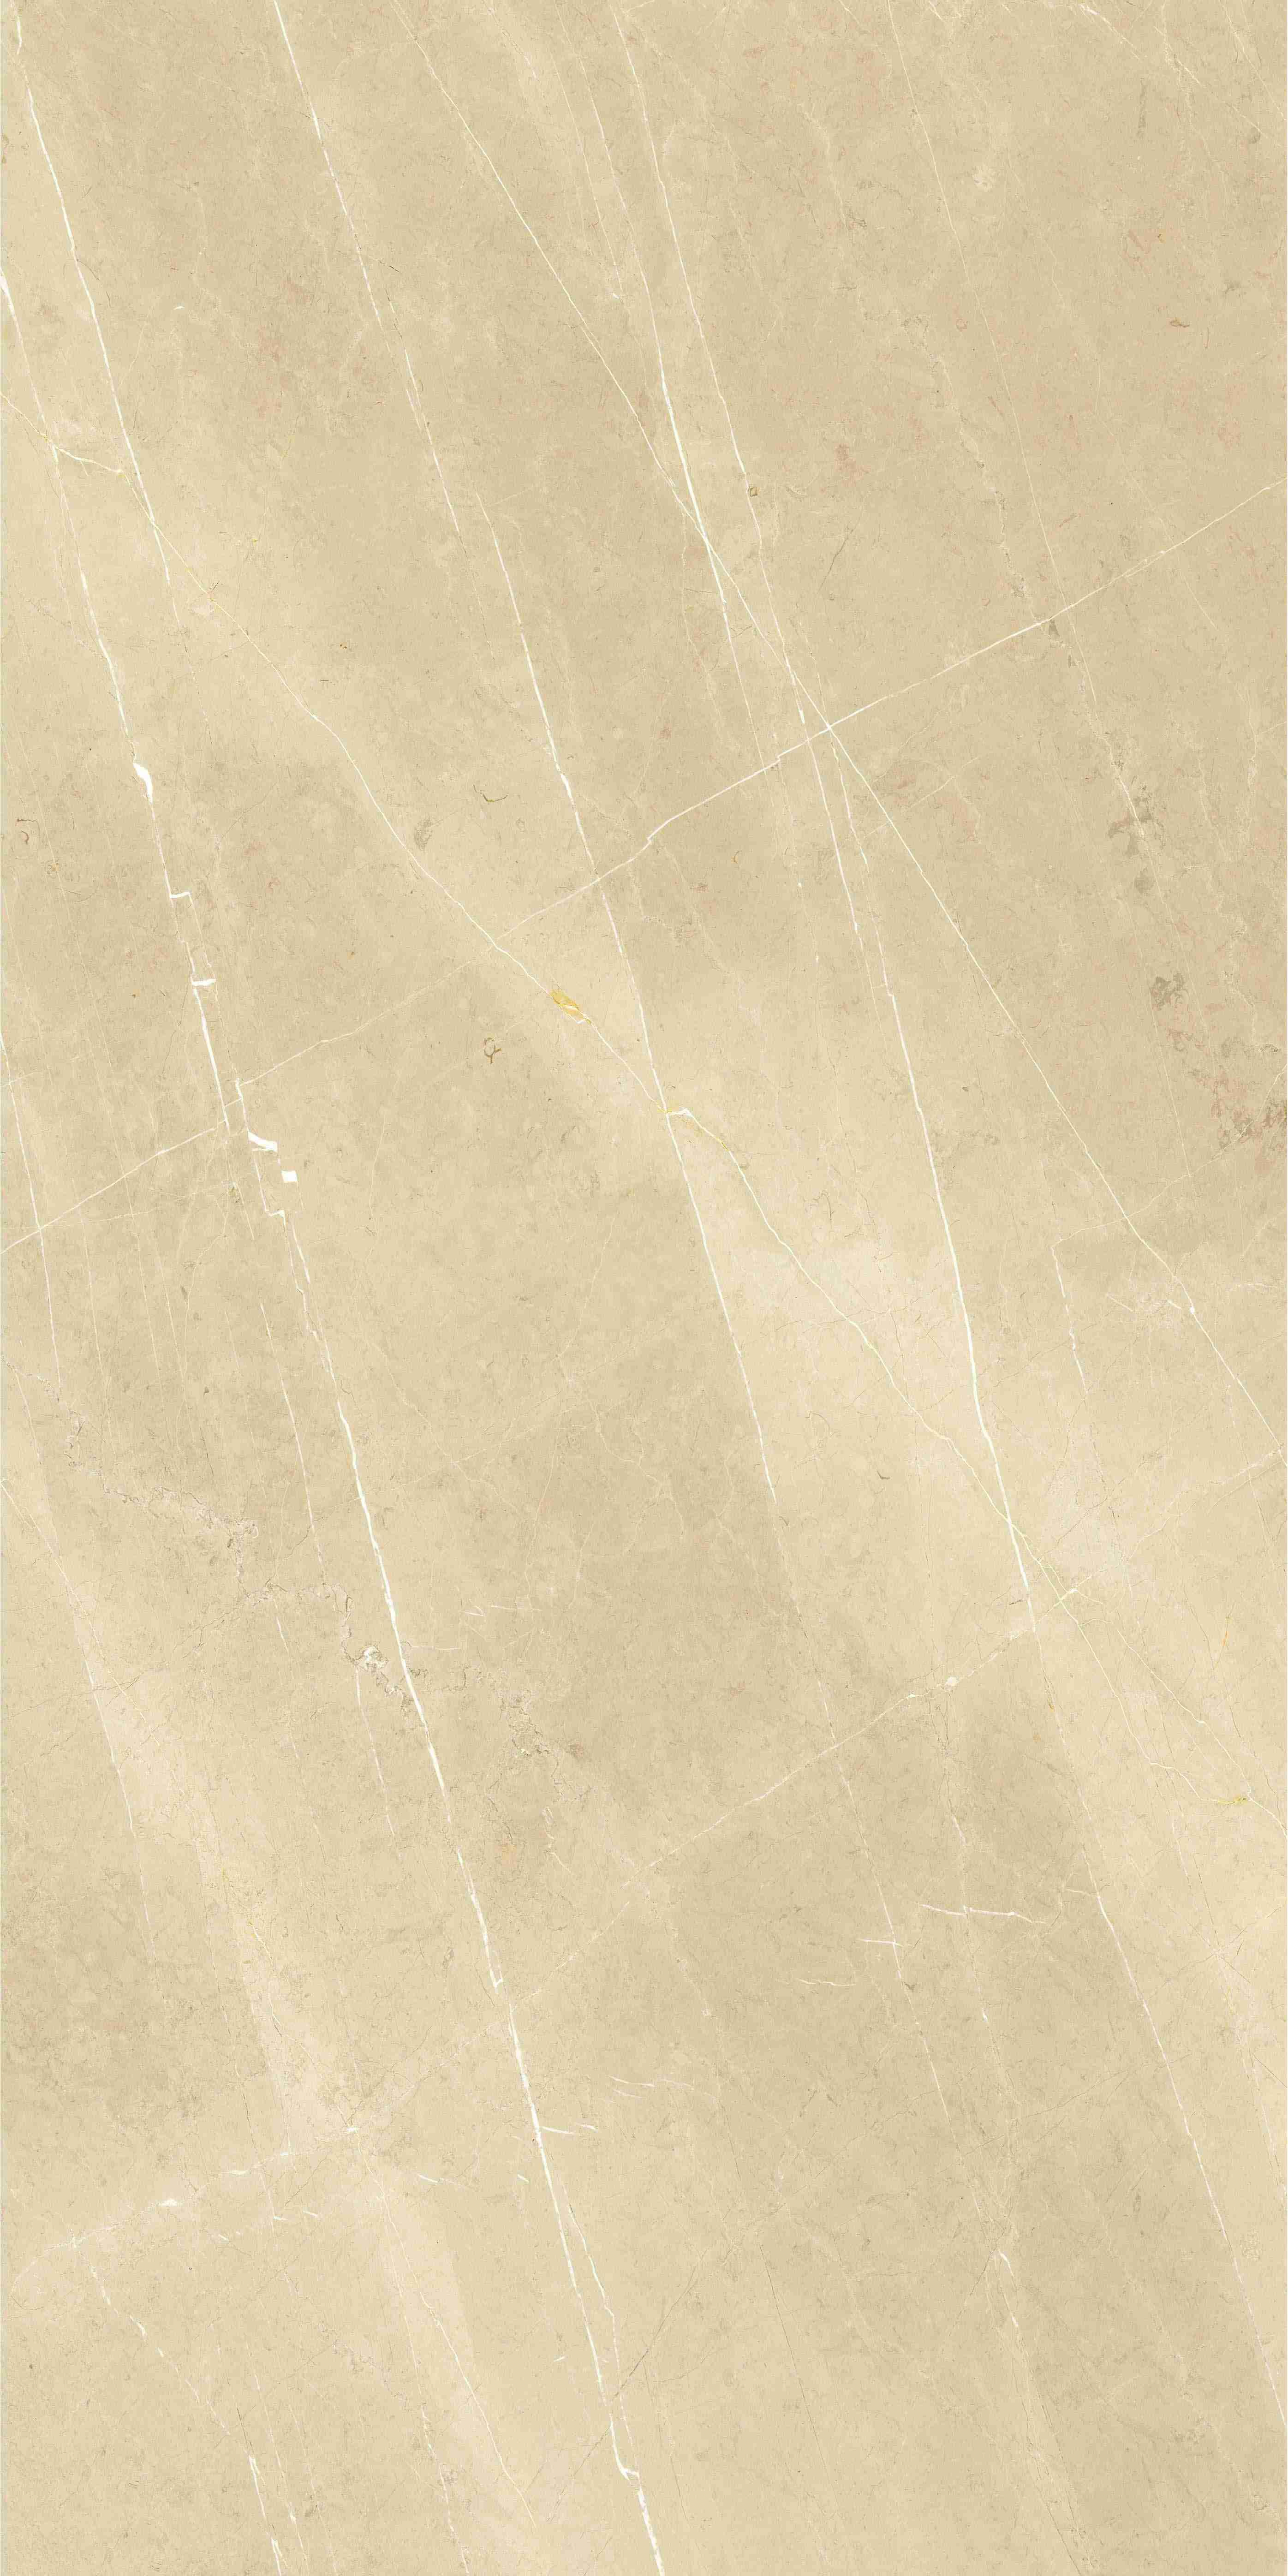 Gạch khổng lồ 90x180cm ( Tel 0938 94 04 04 )47/51